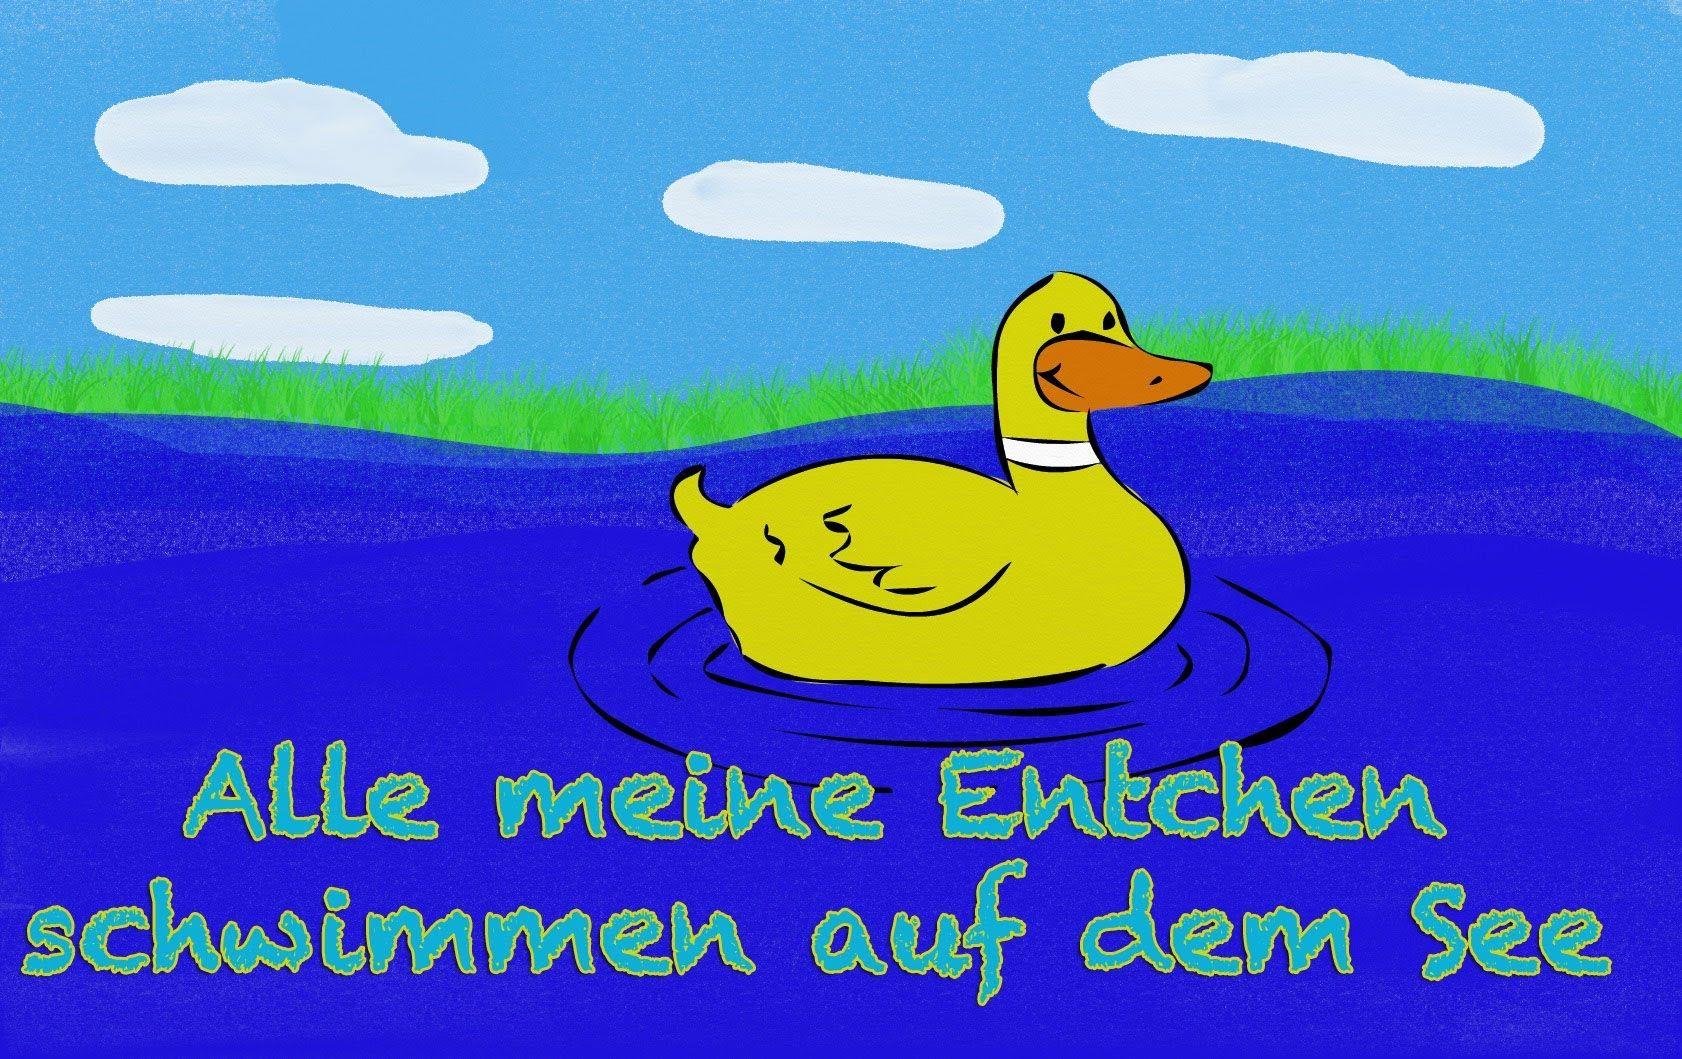 Alle meine Entchen - Kinderlieder deutsch - Kinderlieder zum Mitsingen